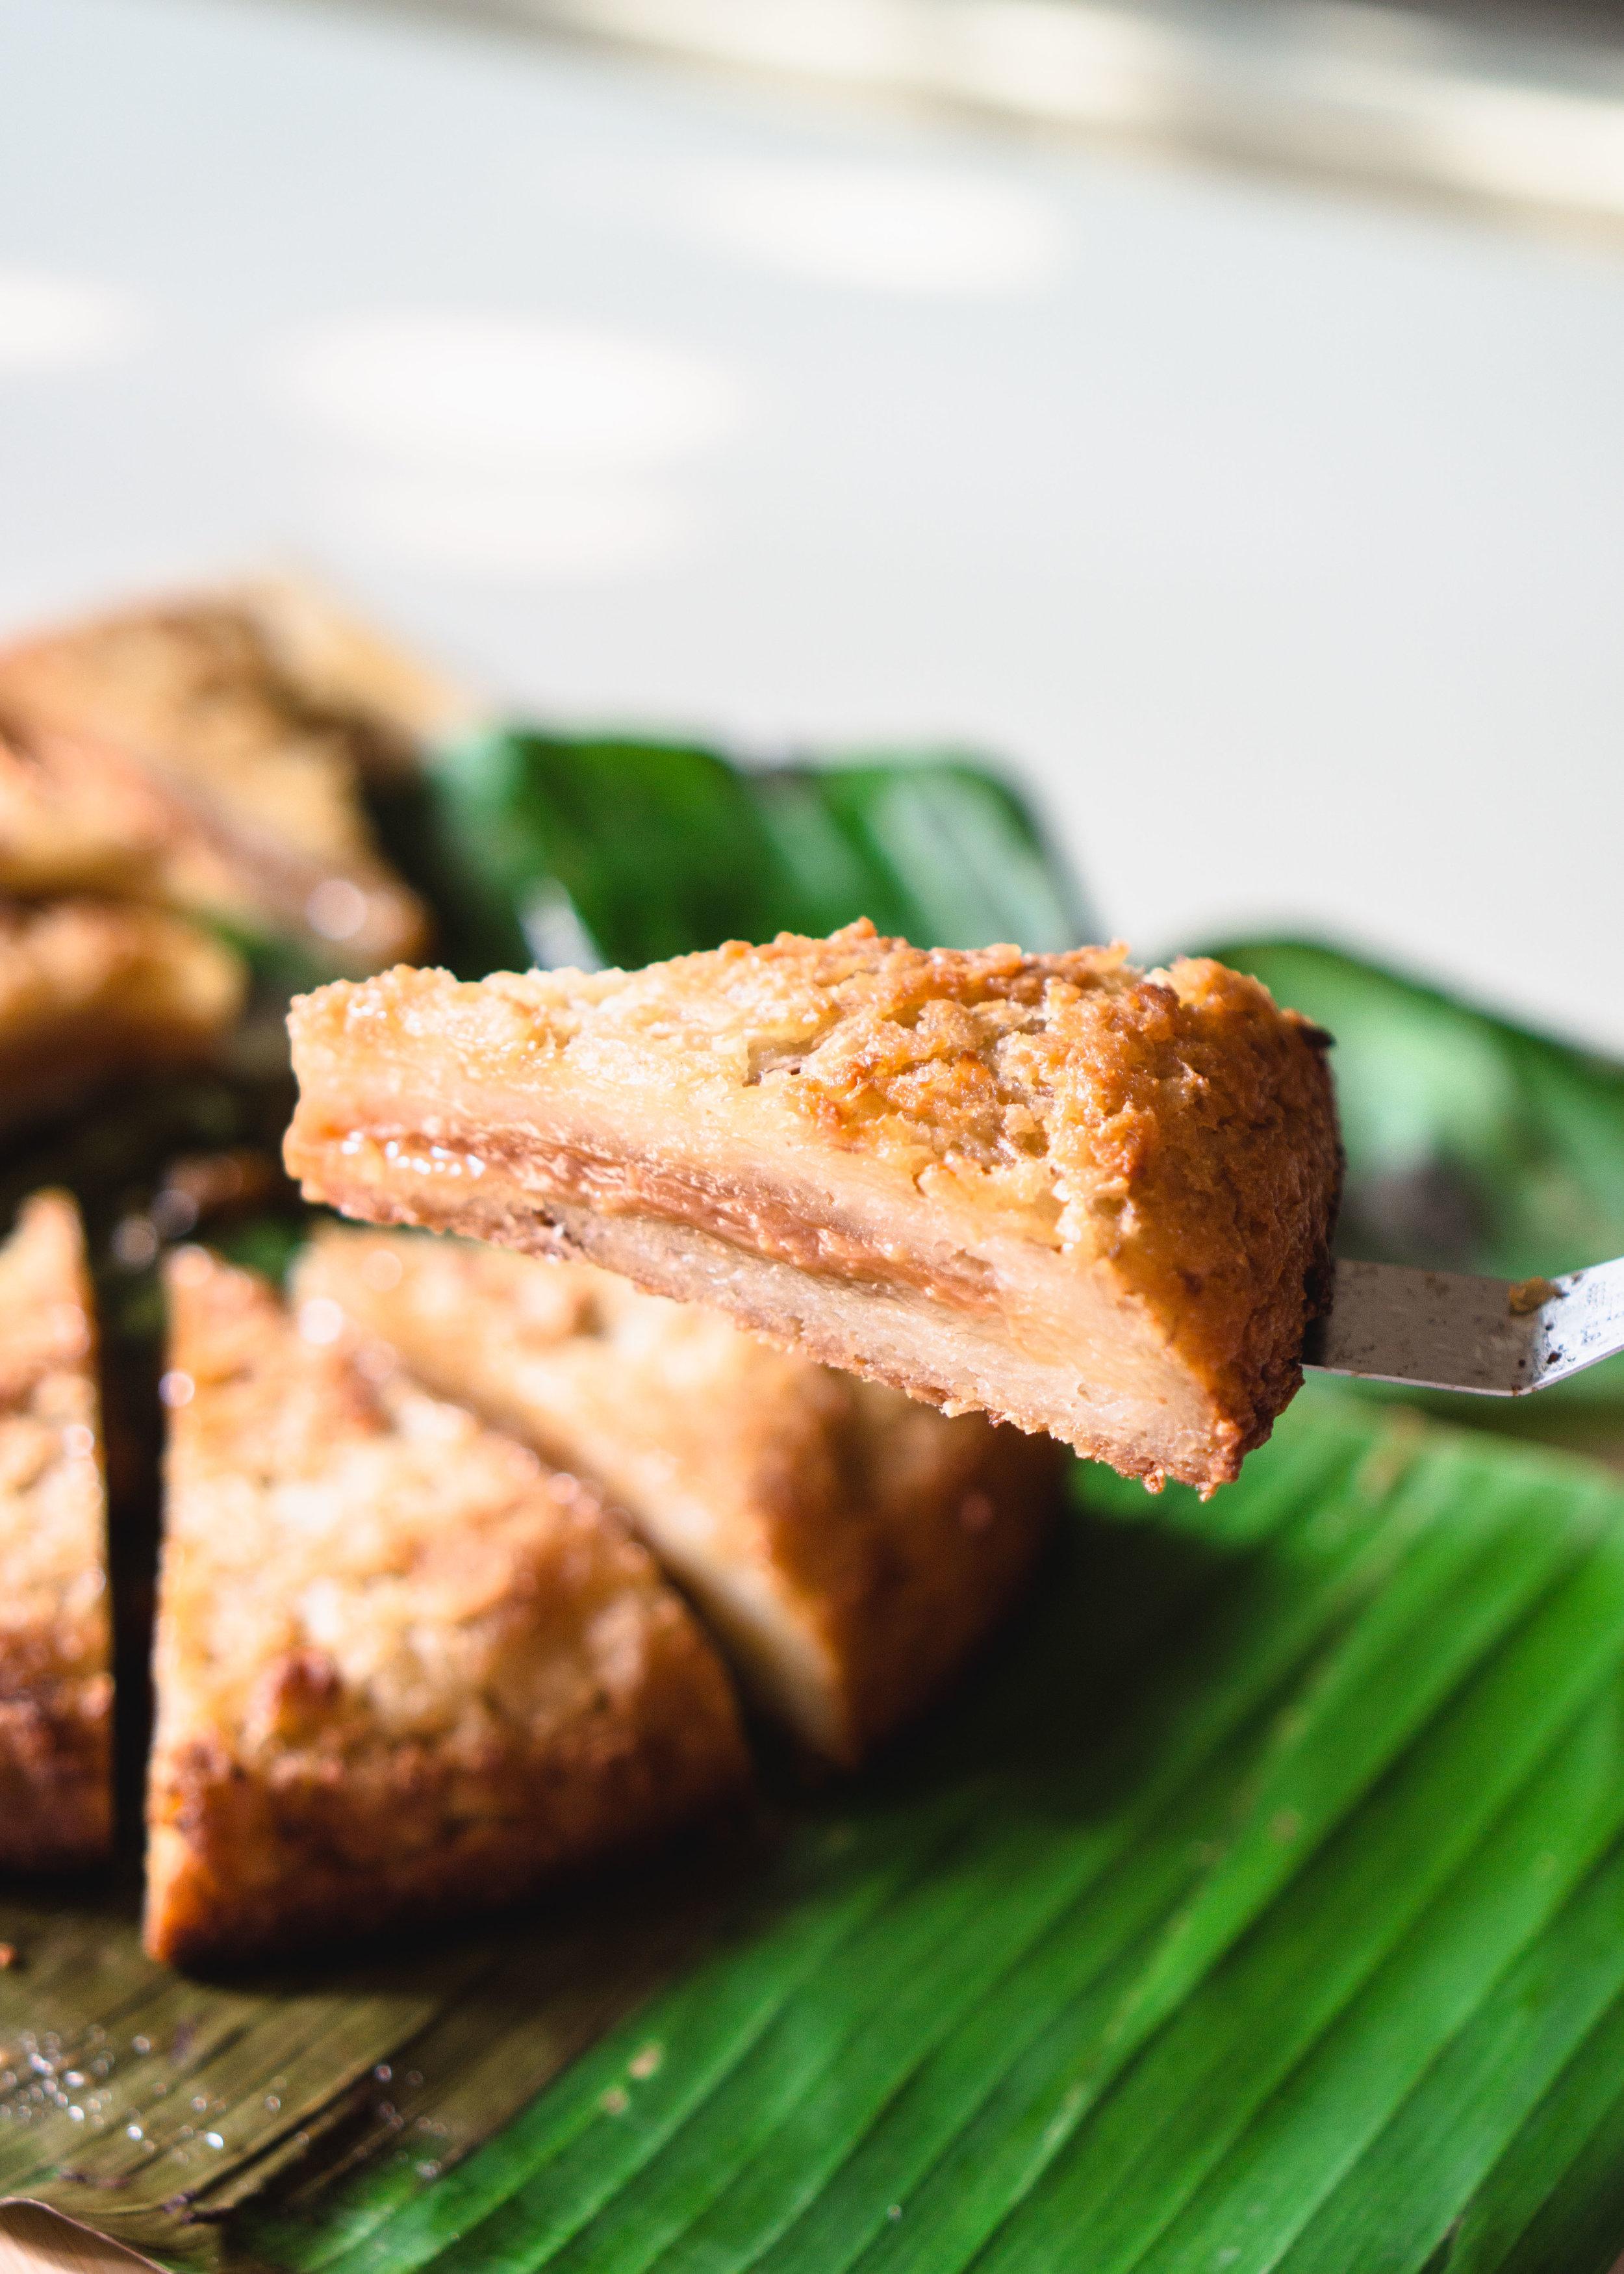 Bingka Ubi (Tapioca Cake) Surprise